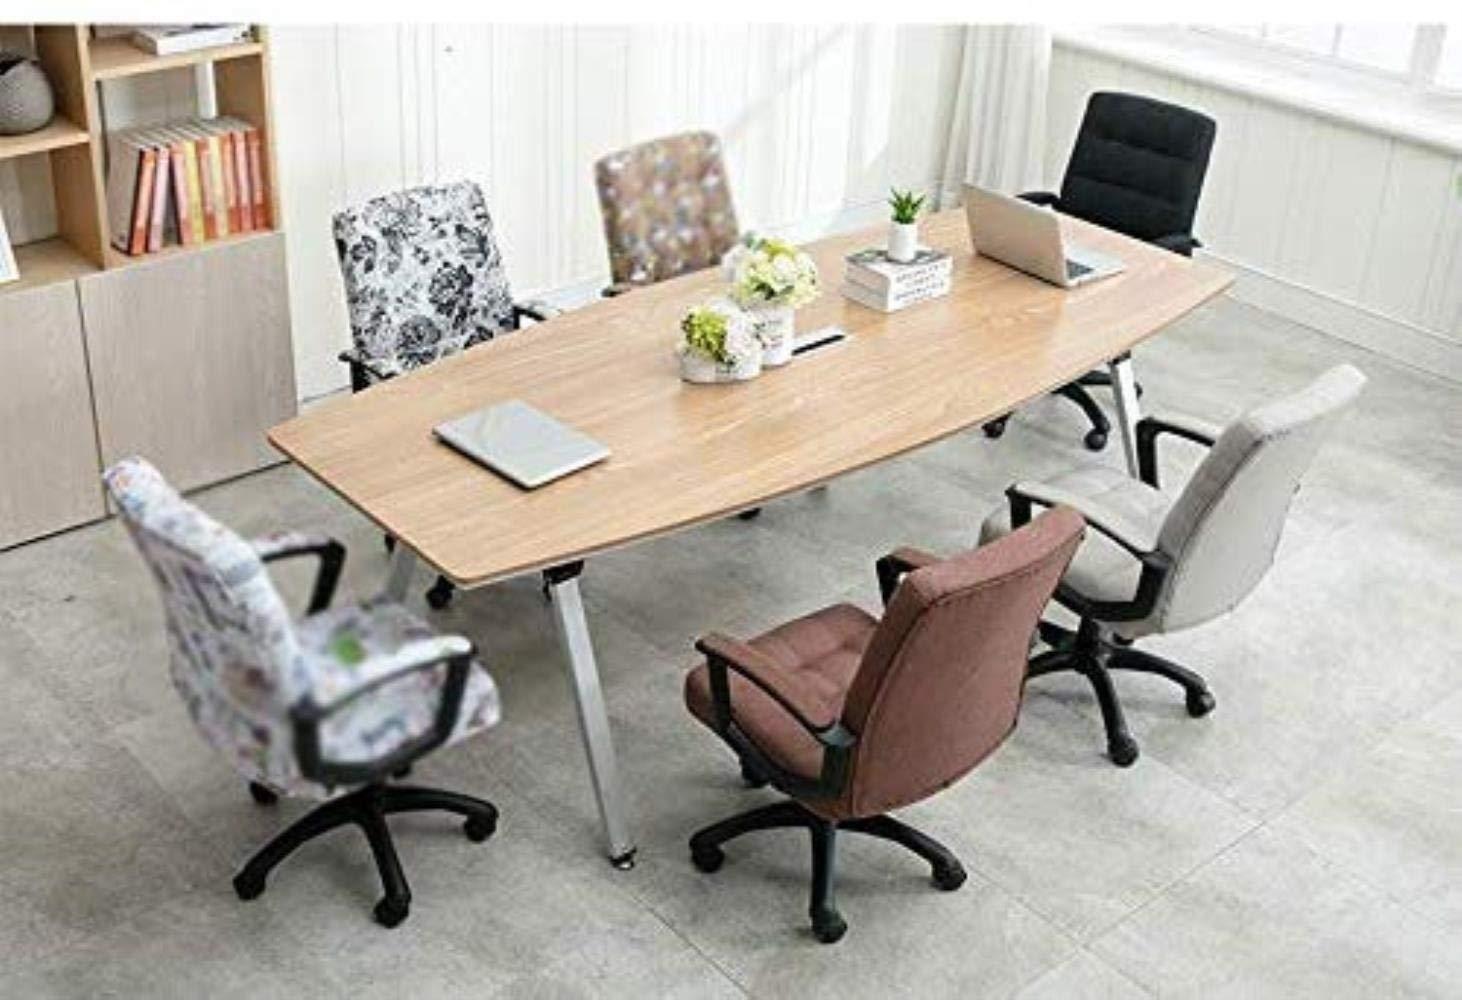 Skrivbordsstolar kontorsstol datorstol hem lyft svängbar stol komfort säte ryggstöd fritid sovsal lounge stol kontor (färg: Kaki) Brun